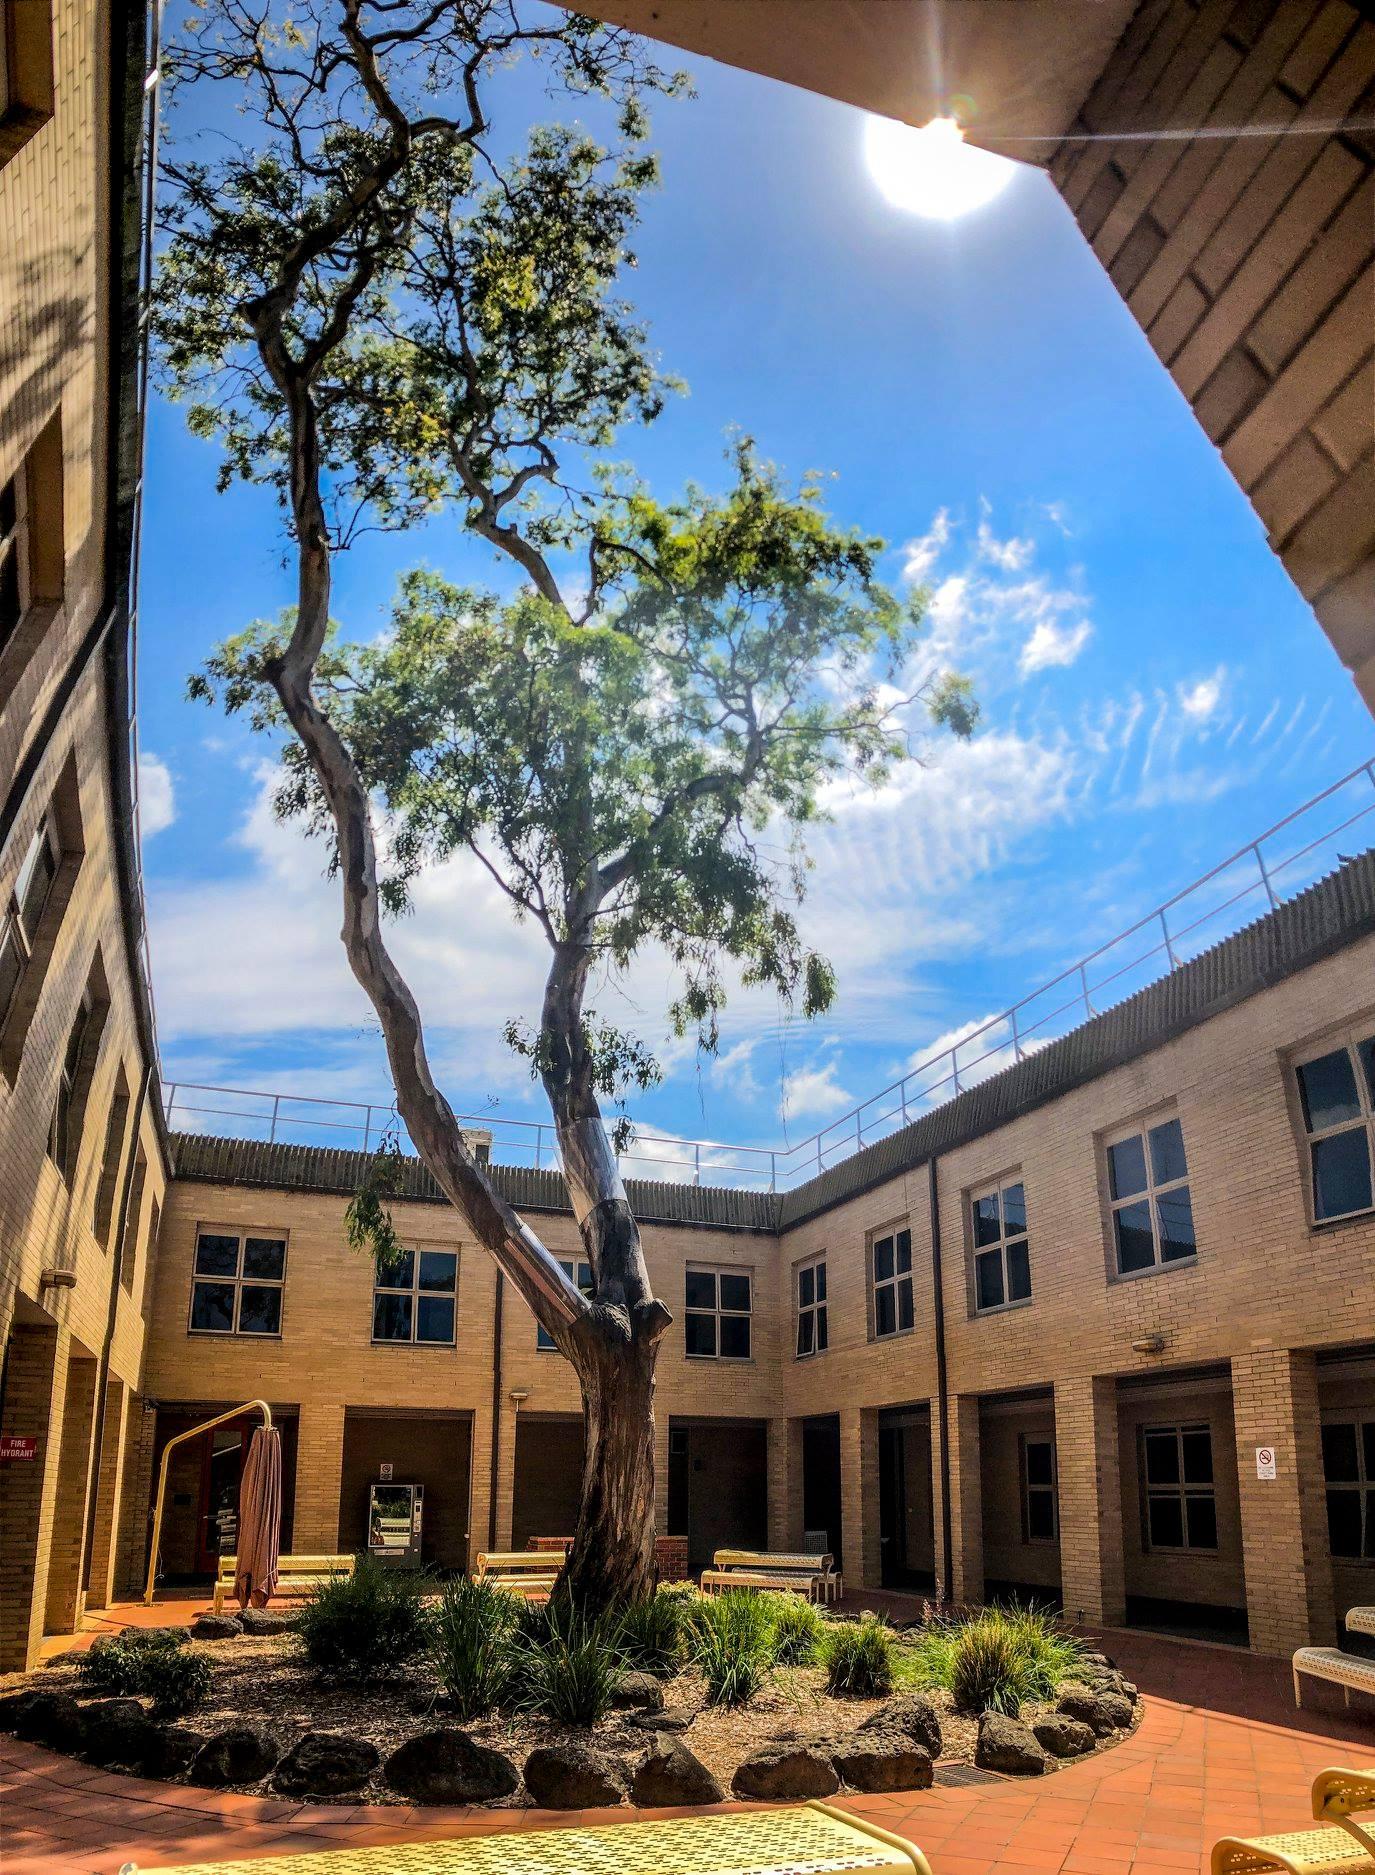 جامعة لا تروب – University of La Trobe